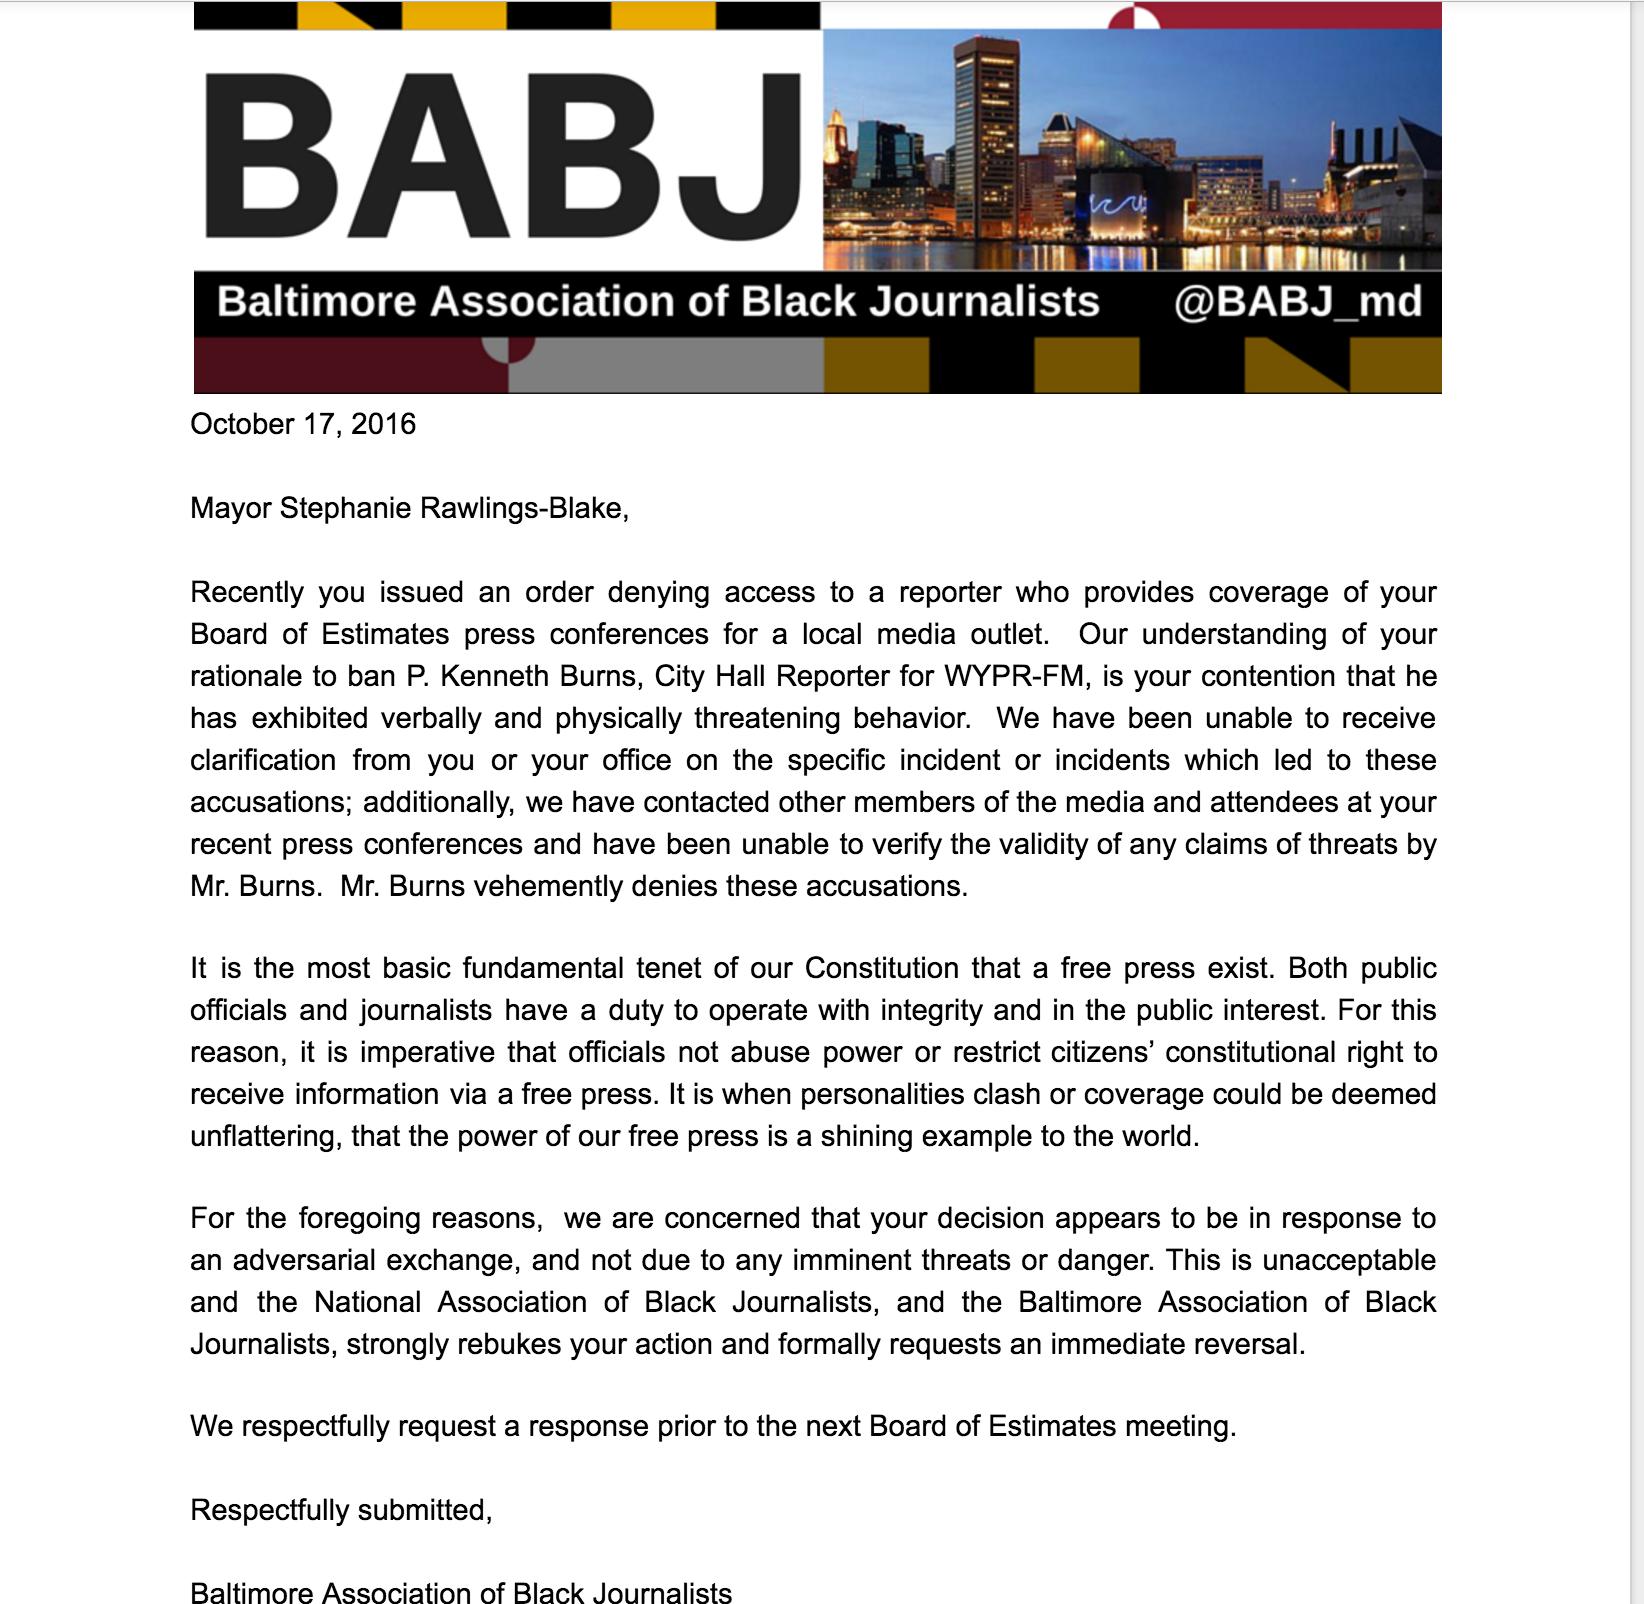 babj-response-image